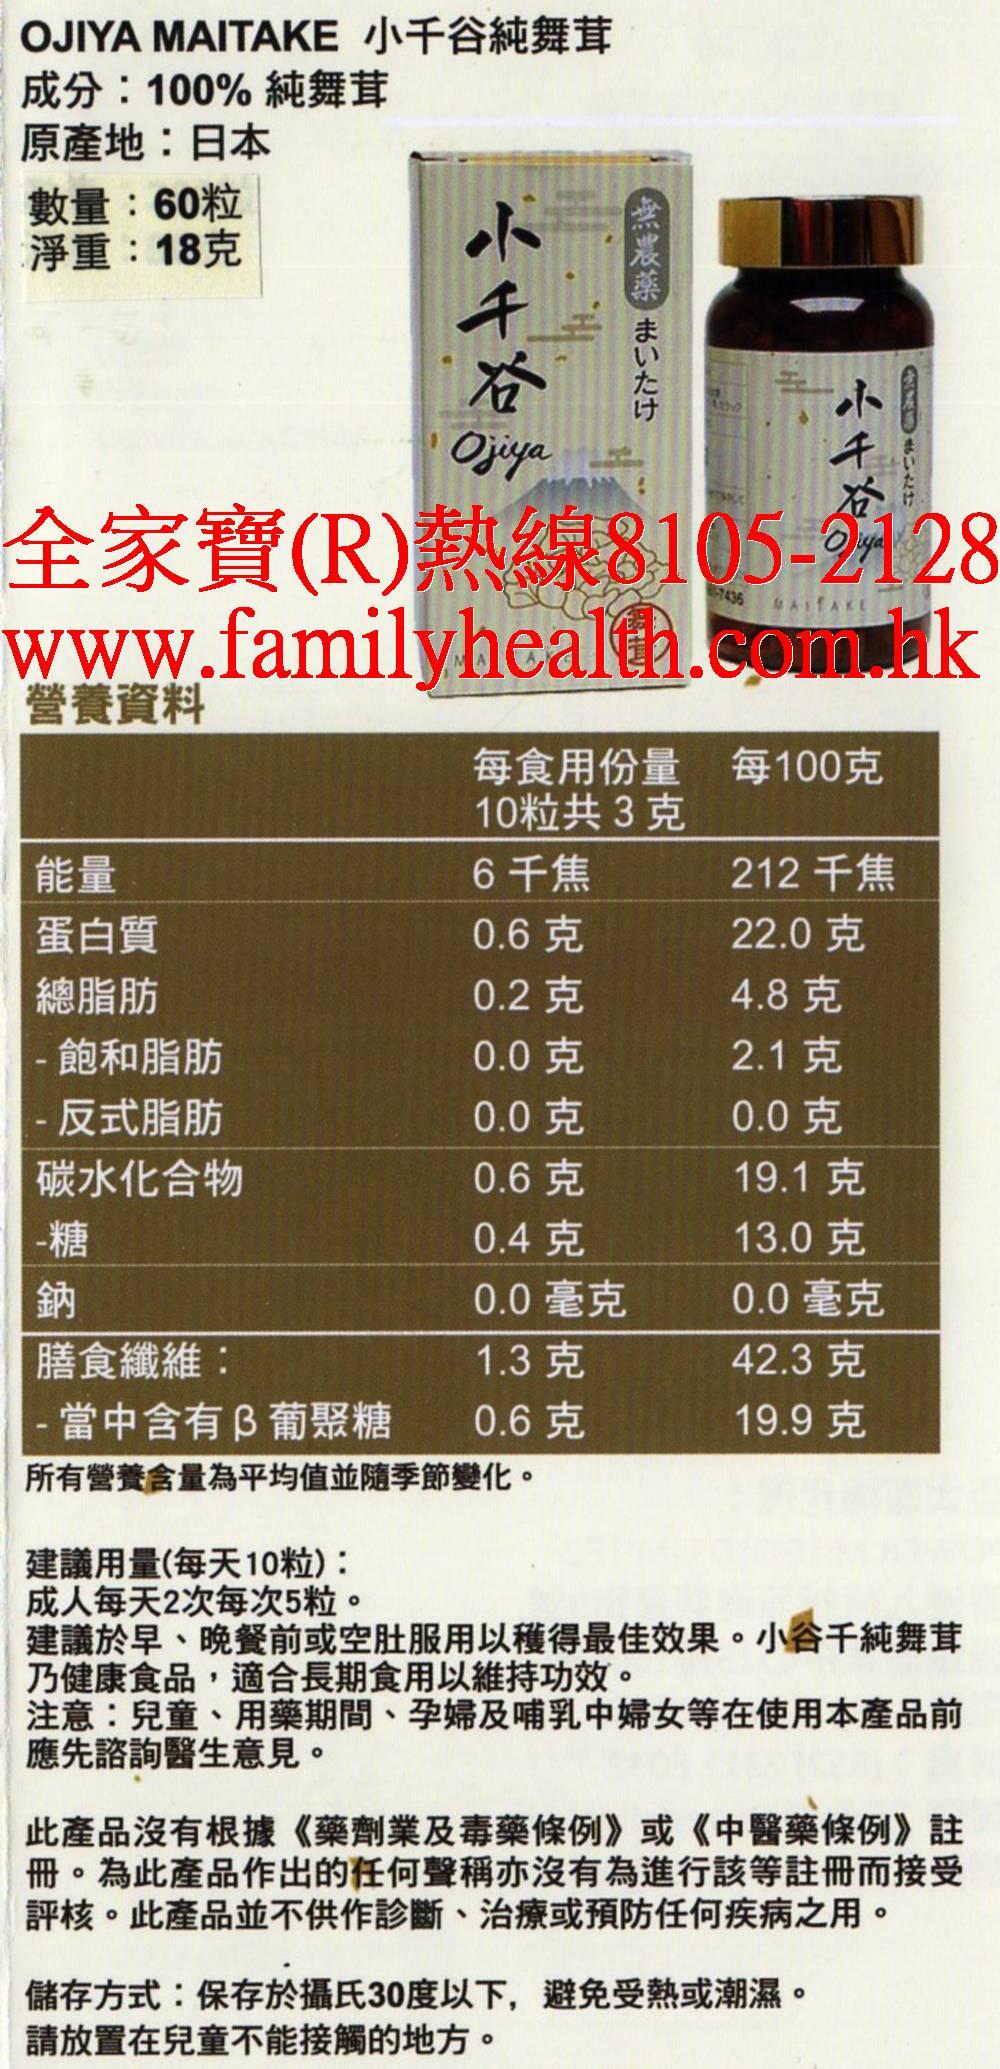 http://www.familyhealth.com.hk/files/full/939_4.jpg